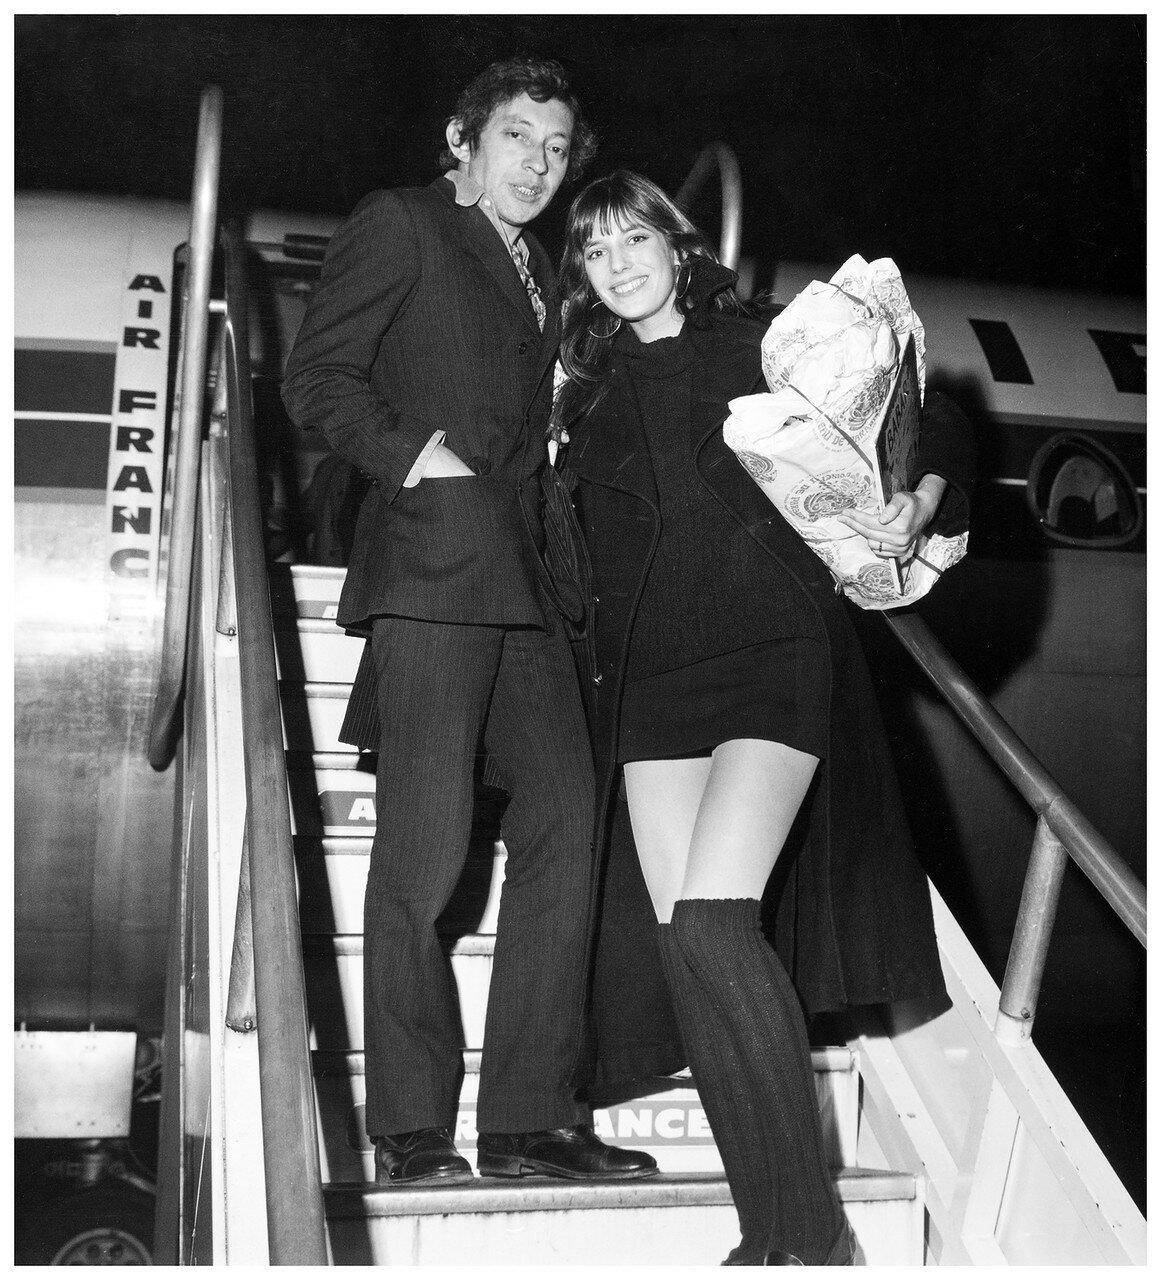 1969. Декабрь. В аэропорту Орли. Серж Гинзбур и Джейн Биркин уезжают в Лондон на Рождество,